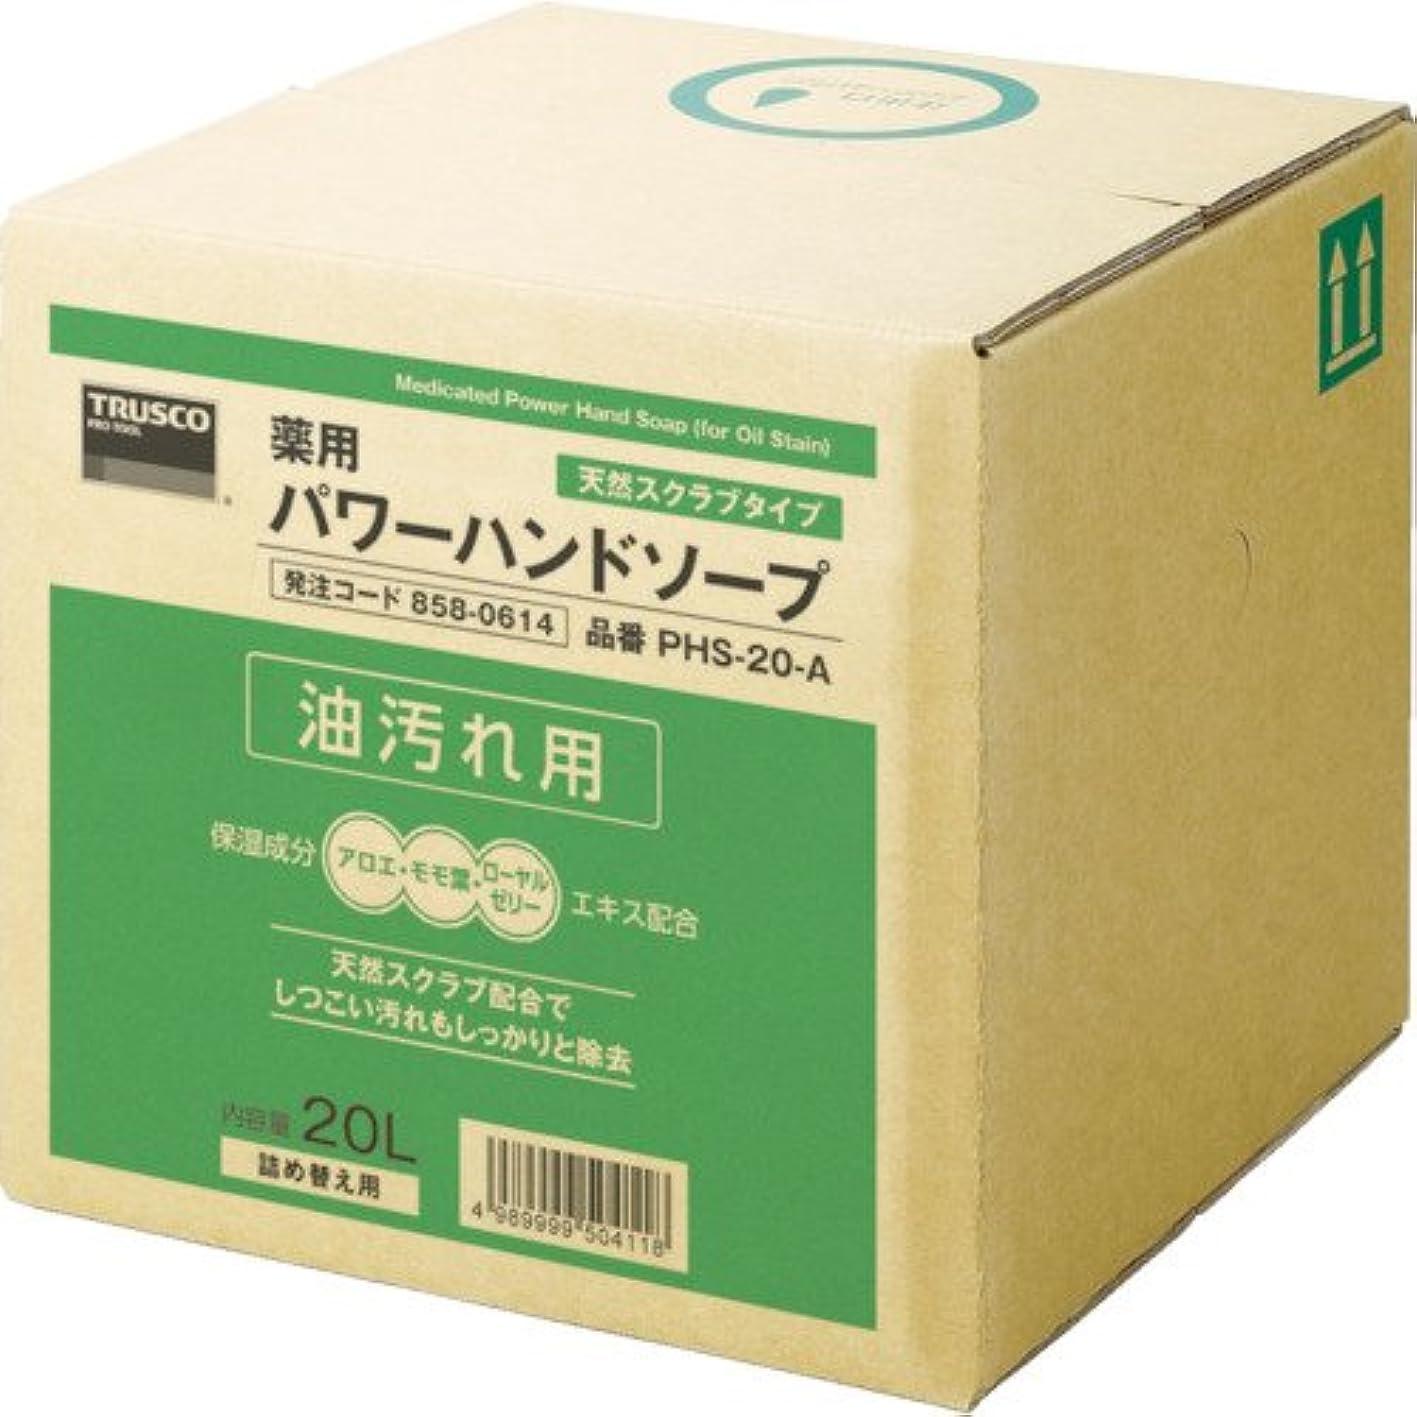 ネックレスくつろぐ補体トラスコ中山 株 TRUSCO 薬用パワーハンドソープ 20L PHS-20-A